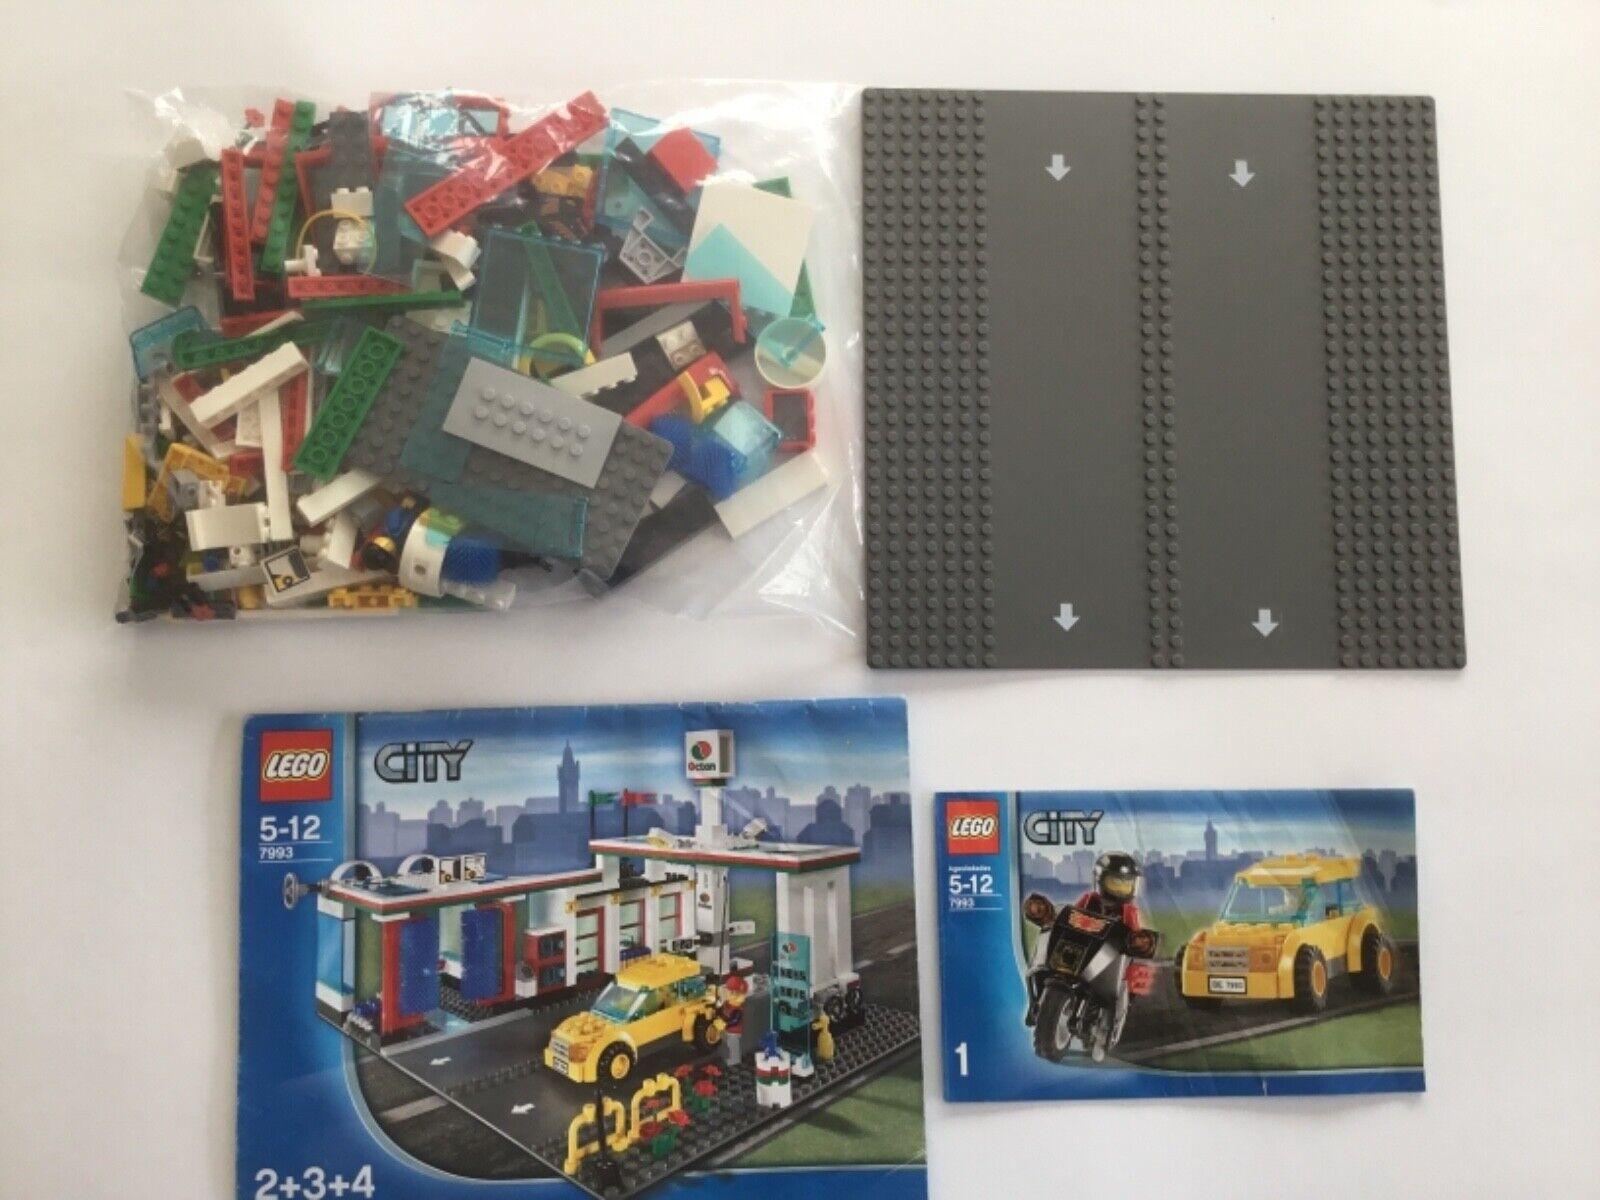 Lego City 7993-Station  Service avec Station de Lavage-avec recette  centre commercial professionnel intégré en ligne